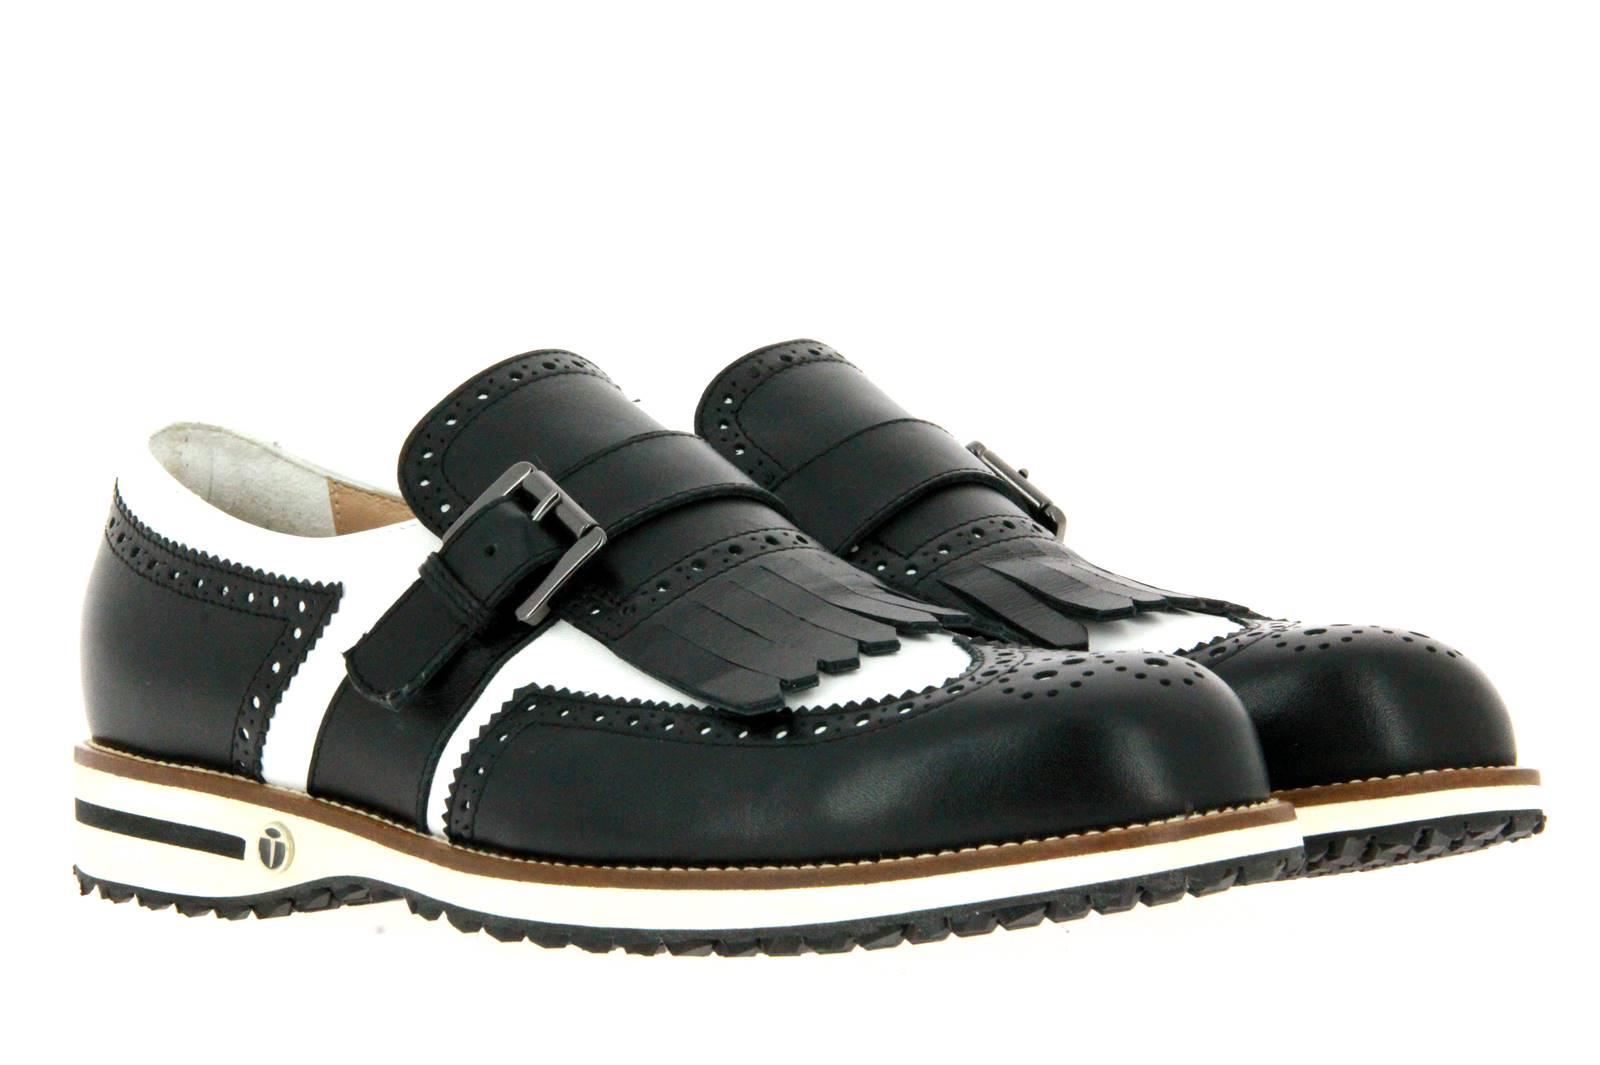 Tee Golf Shoes Herren- Golfschuh ADAM VITELLO WP NERO BIANCO (40)